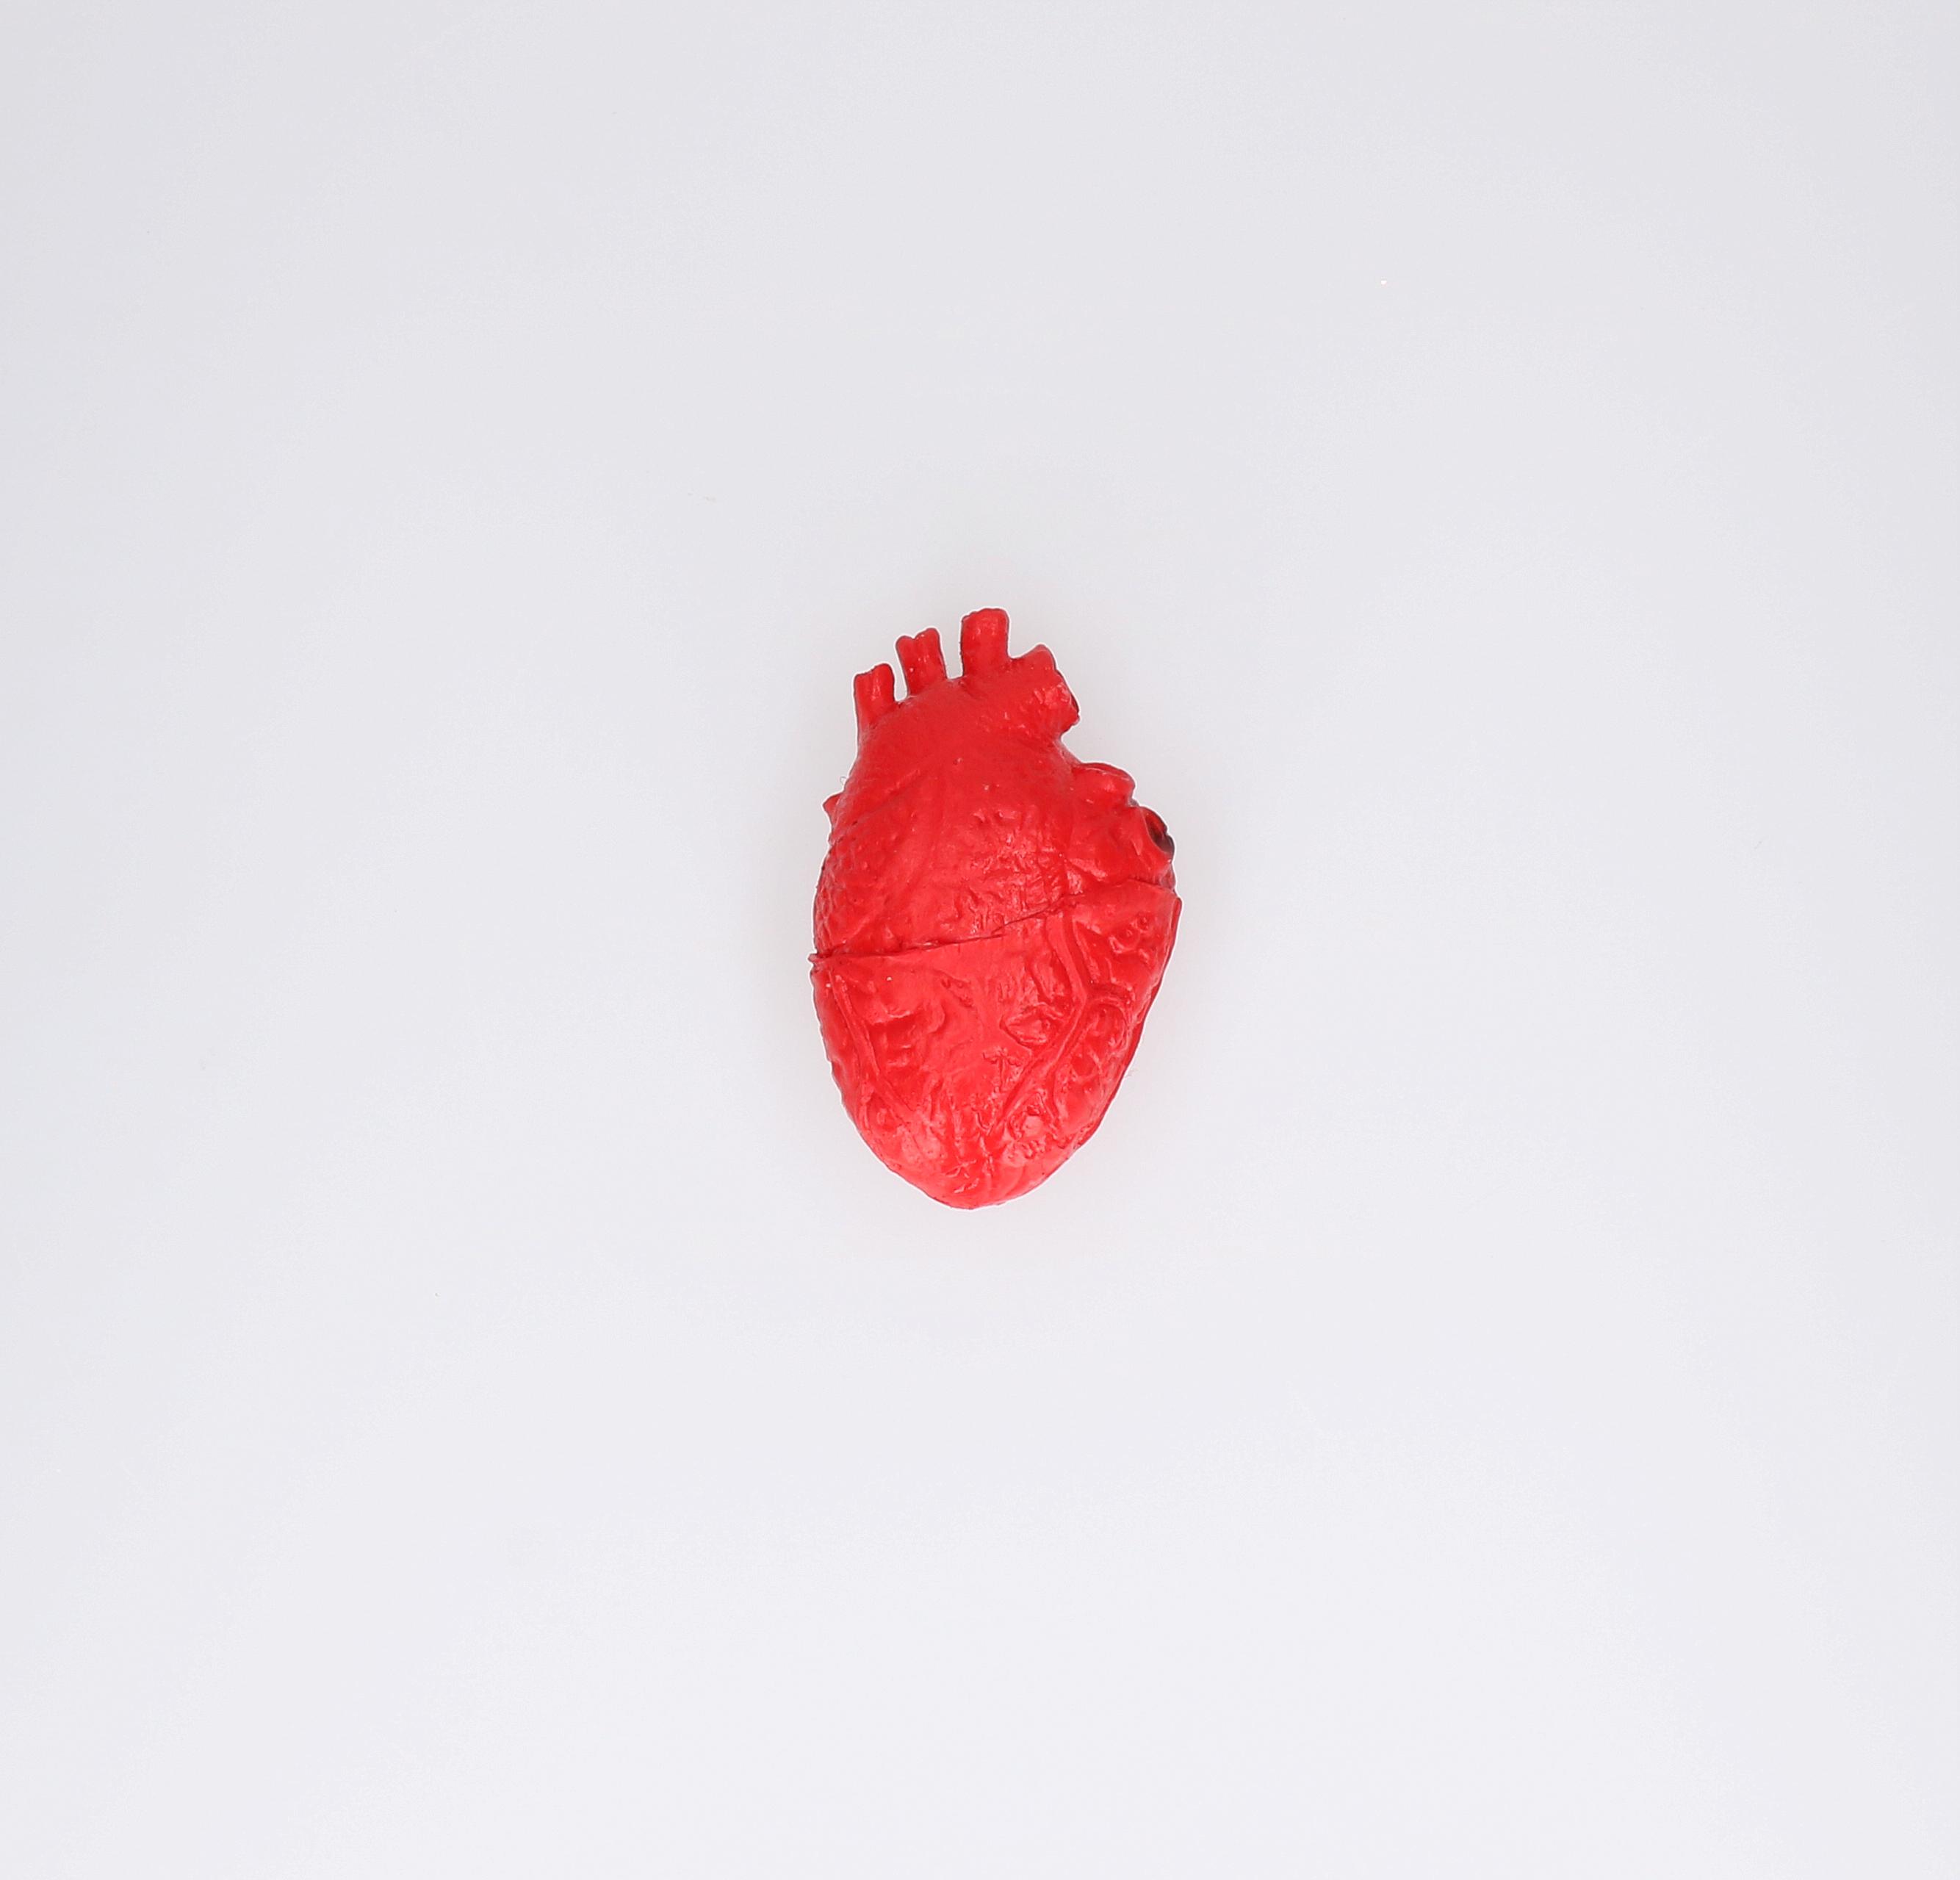 Bloederig hart